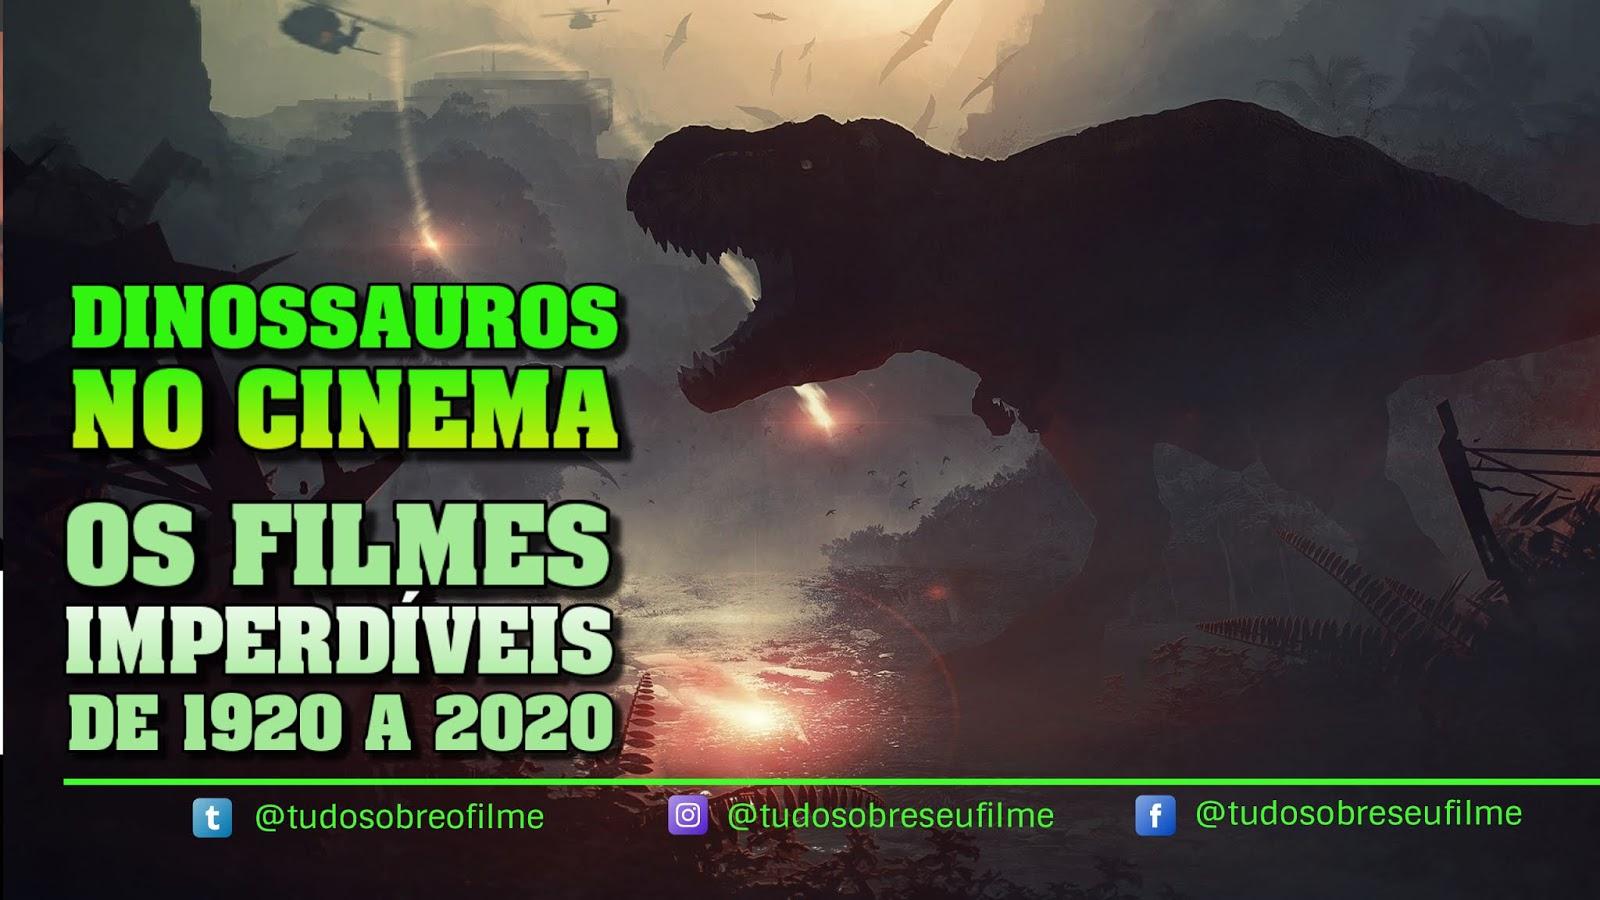 dinossauros-no-cinema